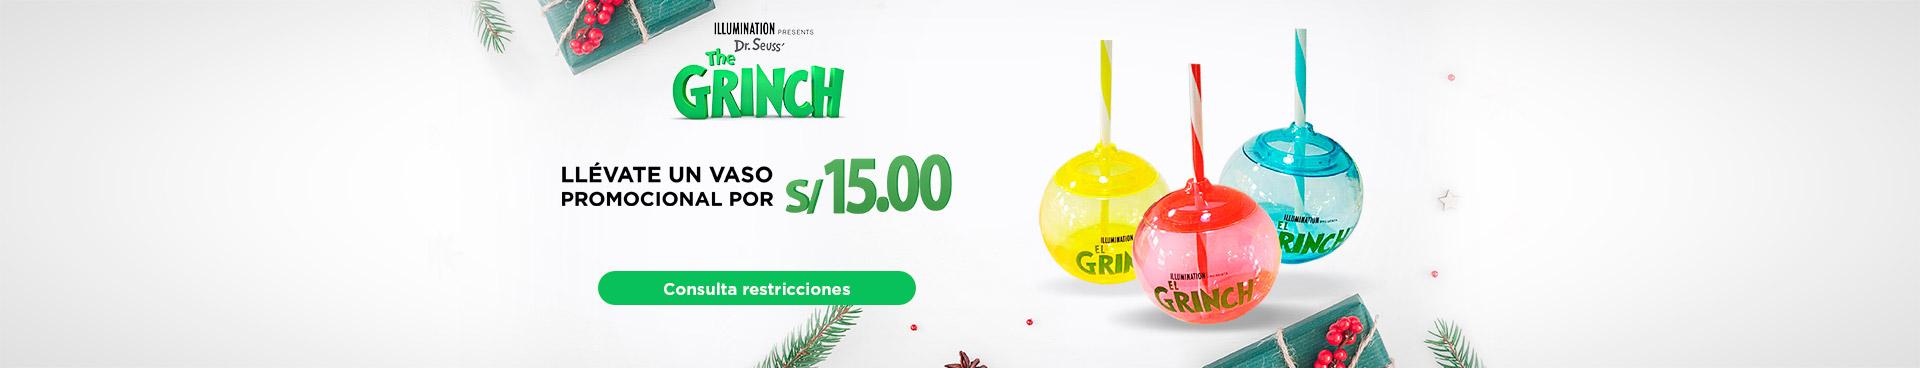 Promoción el grinch